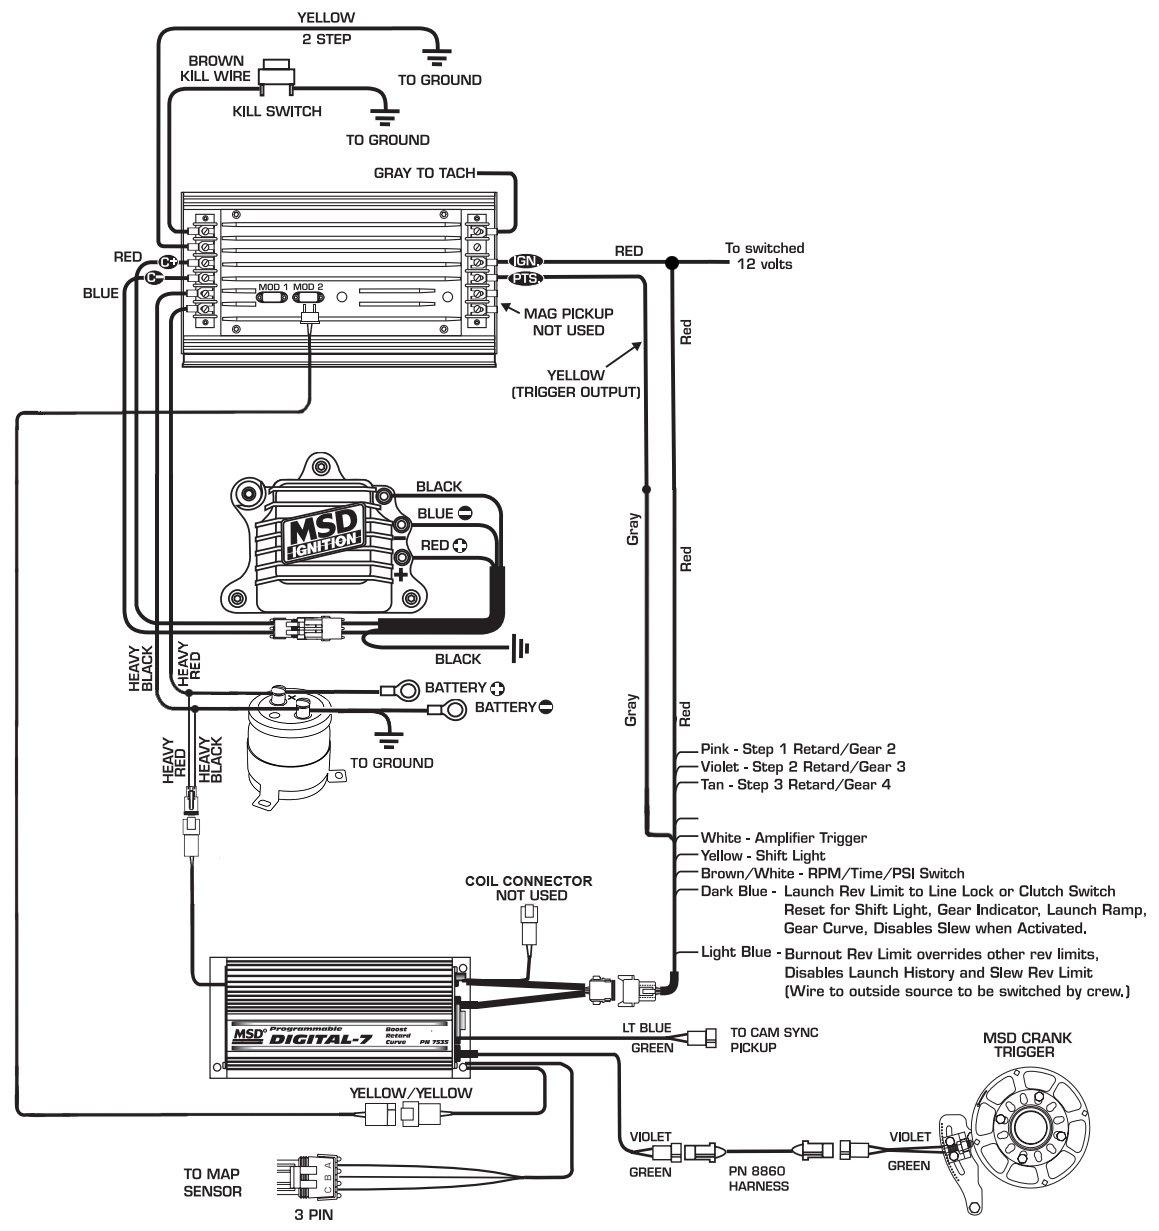 msd 6010 wiring harness 19 stromoeko de u2022 rh 19 stromoeko de